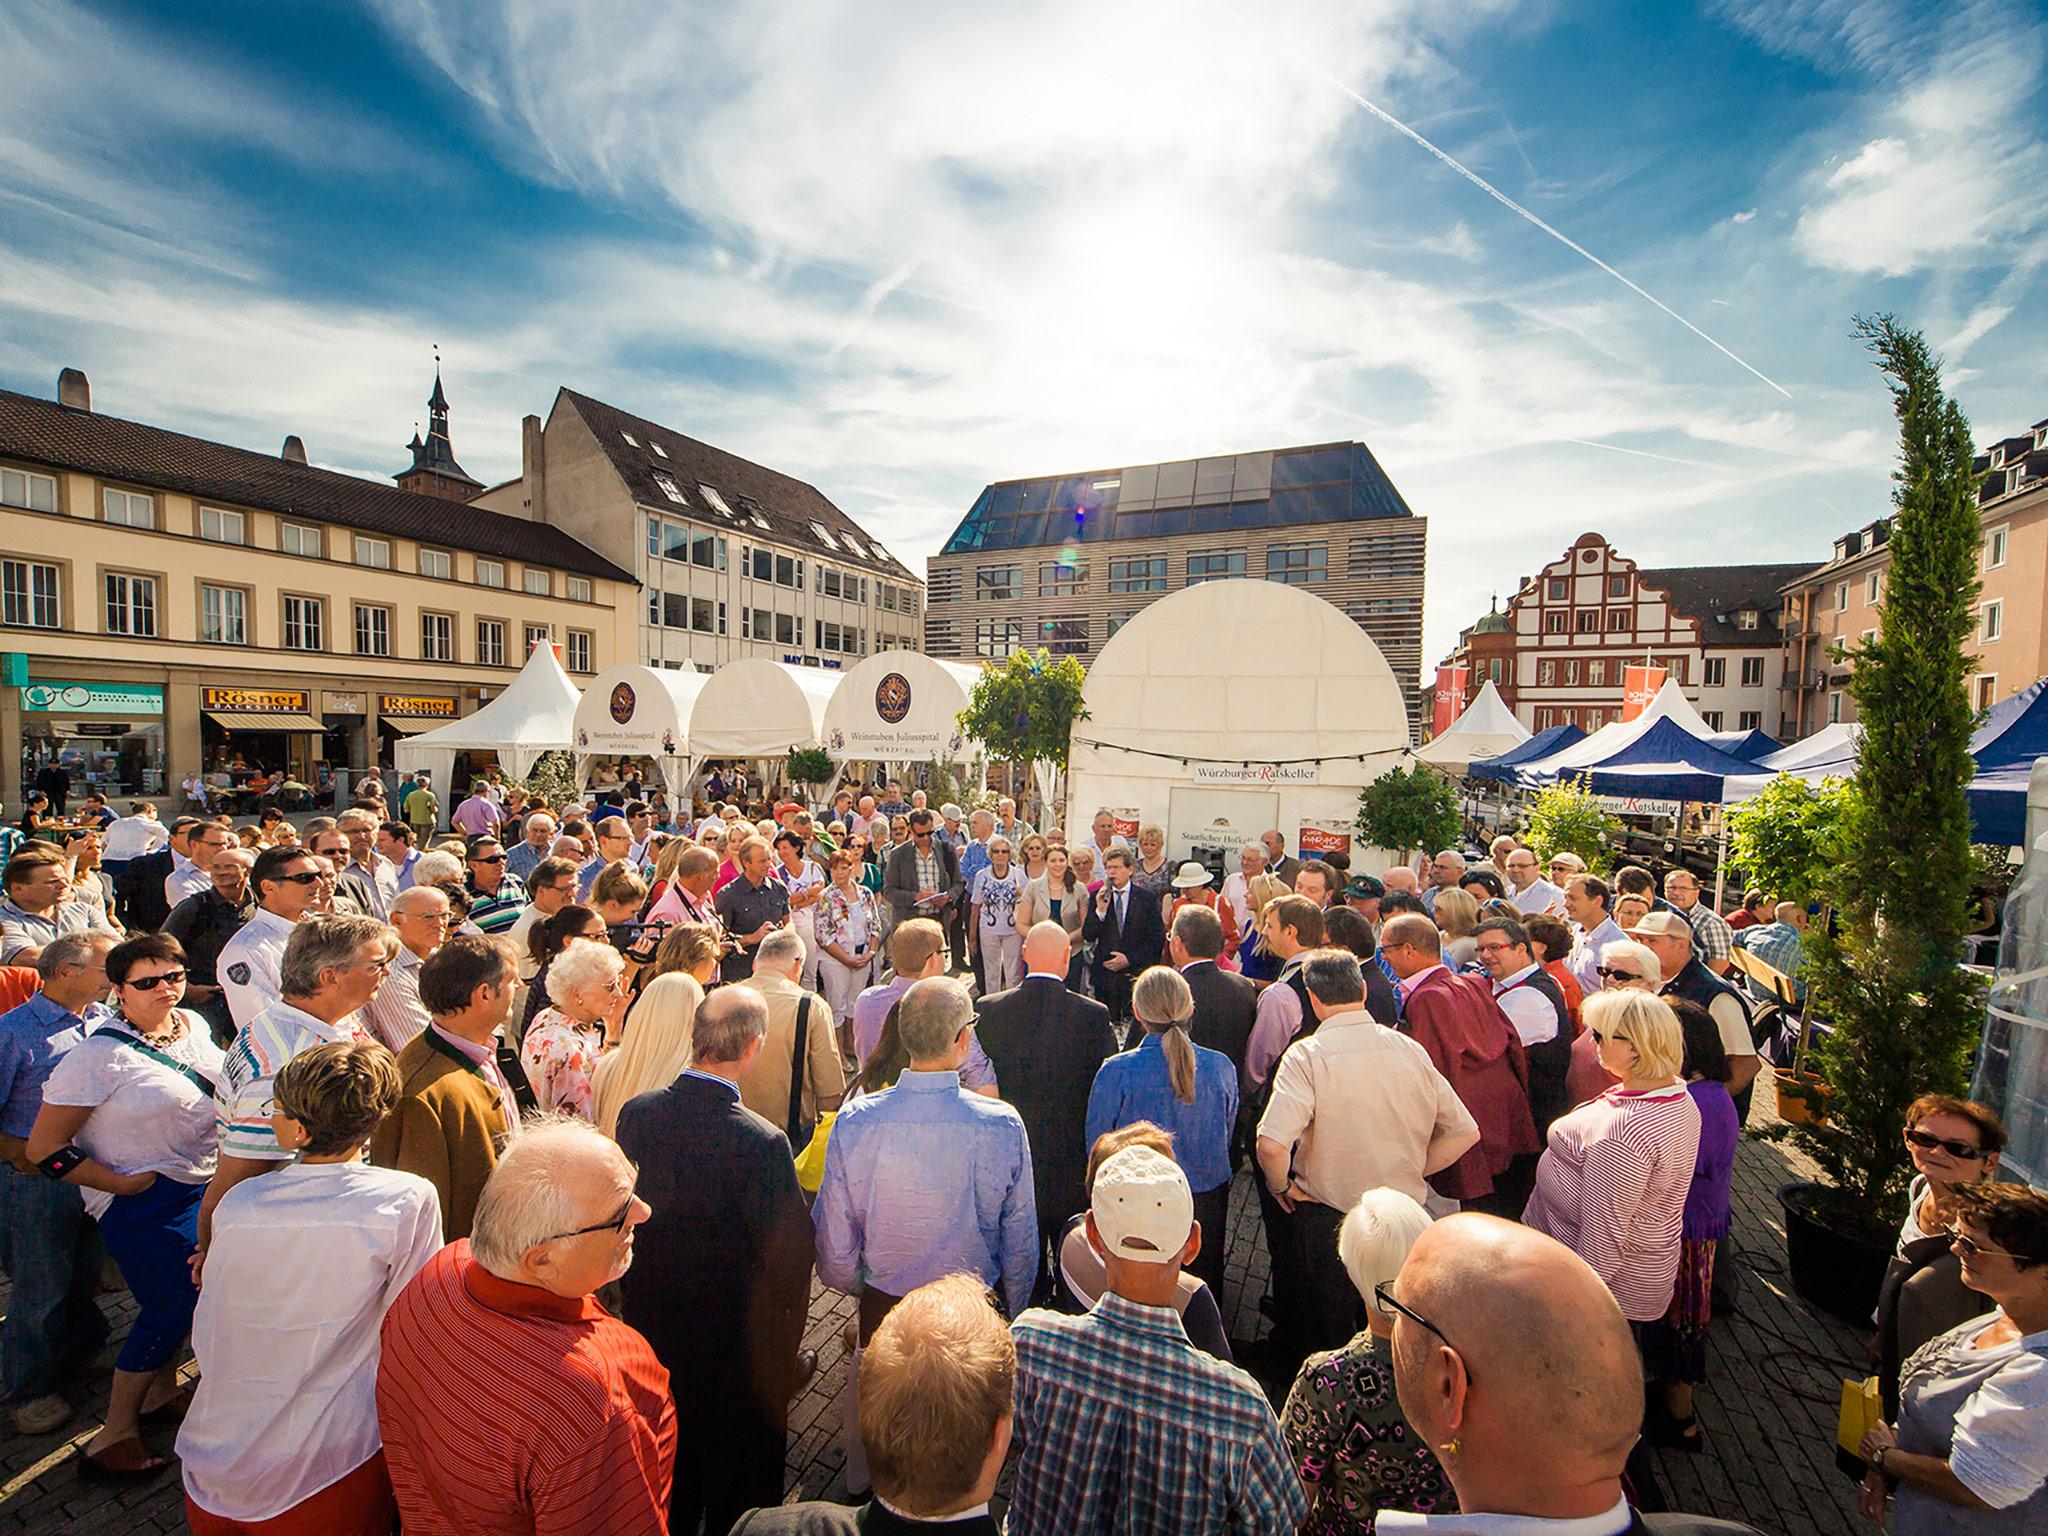 Die Weinparade Würzburg - beliebt bei Jung und Alt. Foto: Weinparade Würzburg